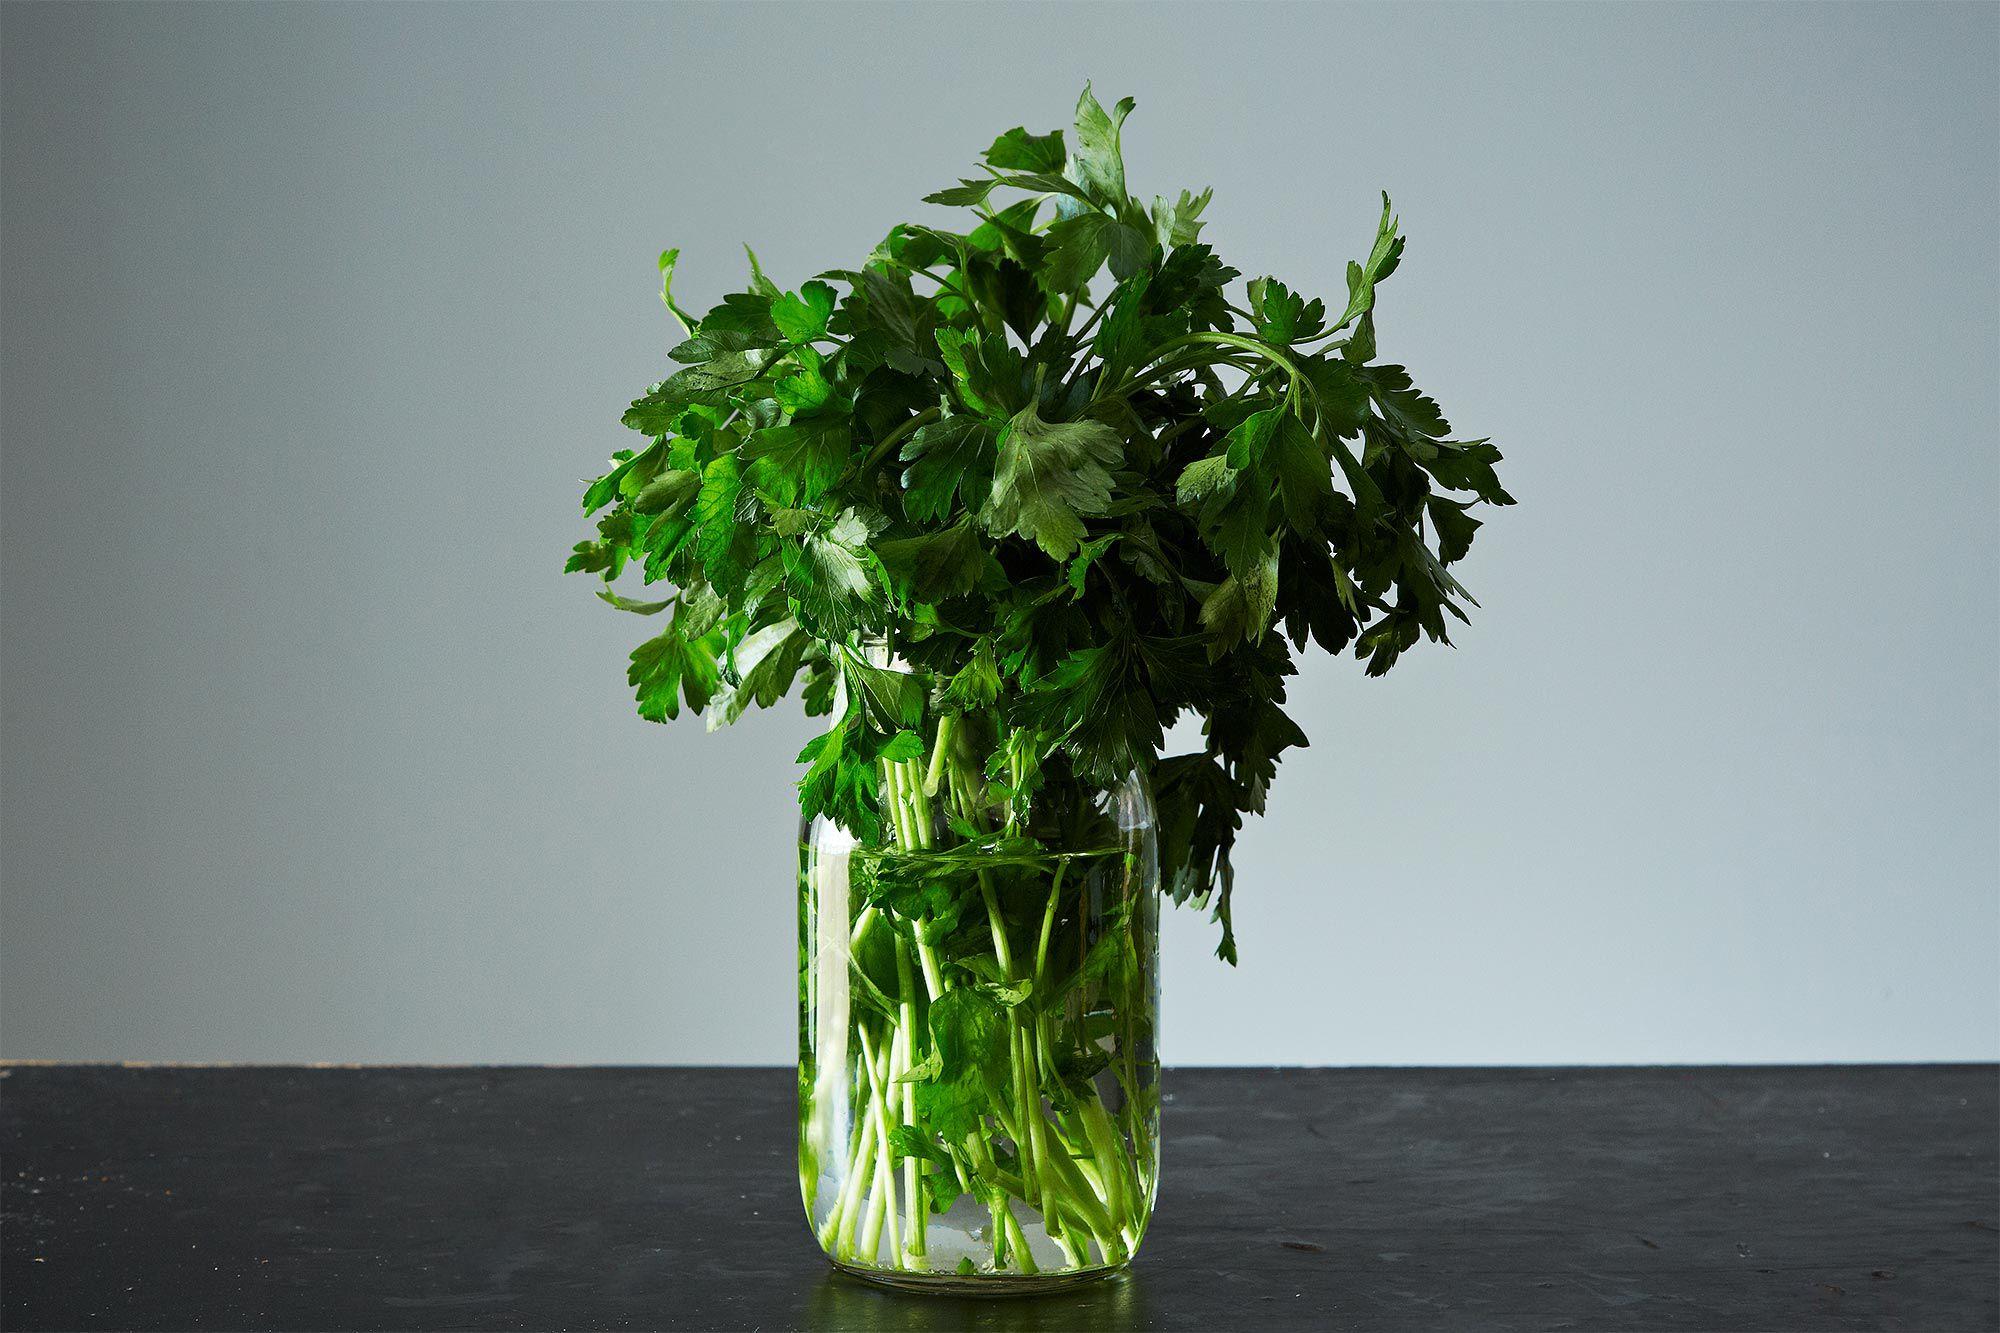 6e153fdc-e4fc-4aae-a381-98192133fb58--2013-1107_storing-fresh-herbs-013